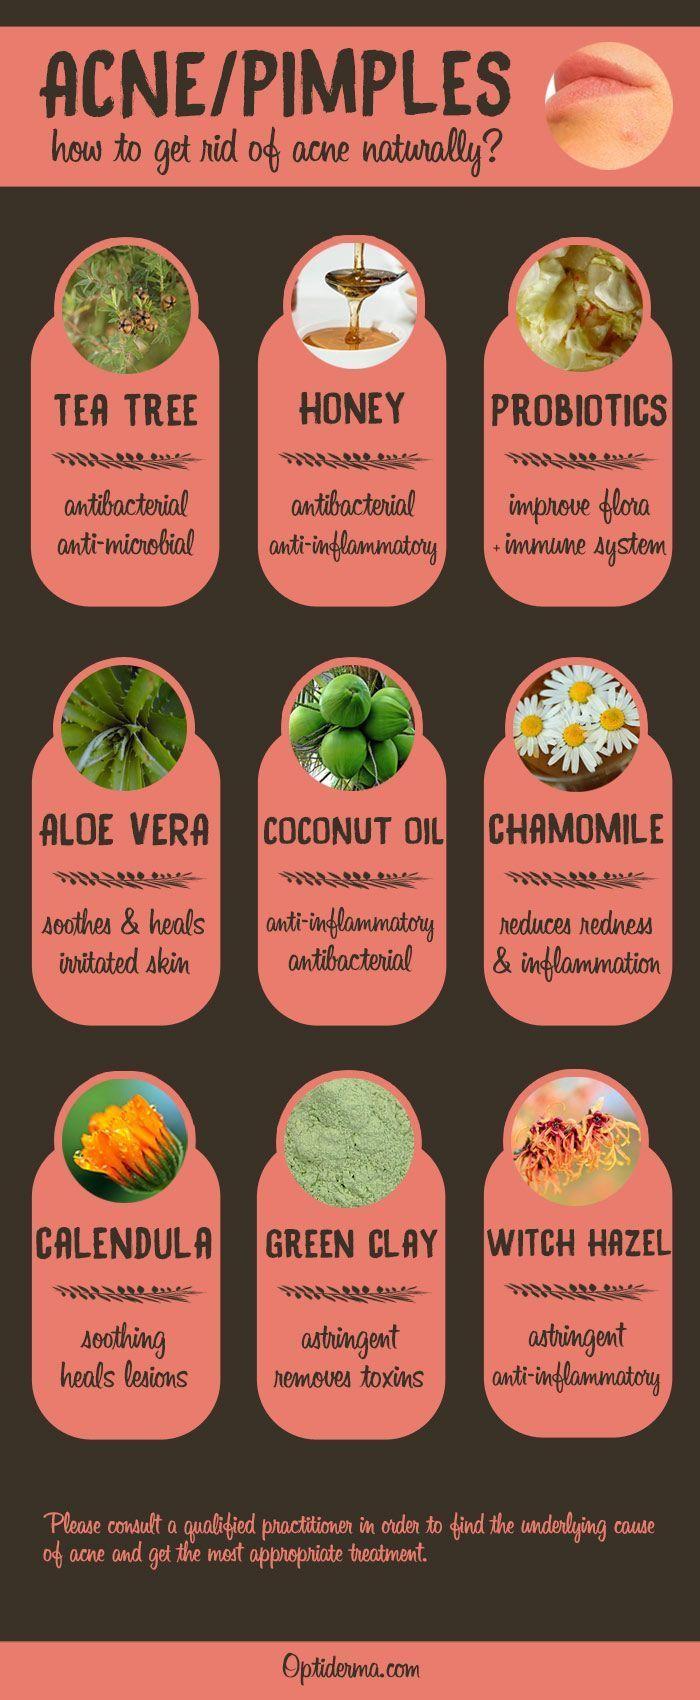 Die besten natürlichen Heilmittel für Akne & Pickel (Infografik). Probieren Sie Teebaum Essenz